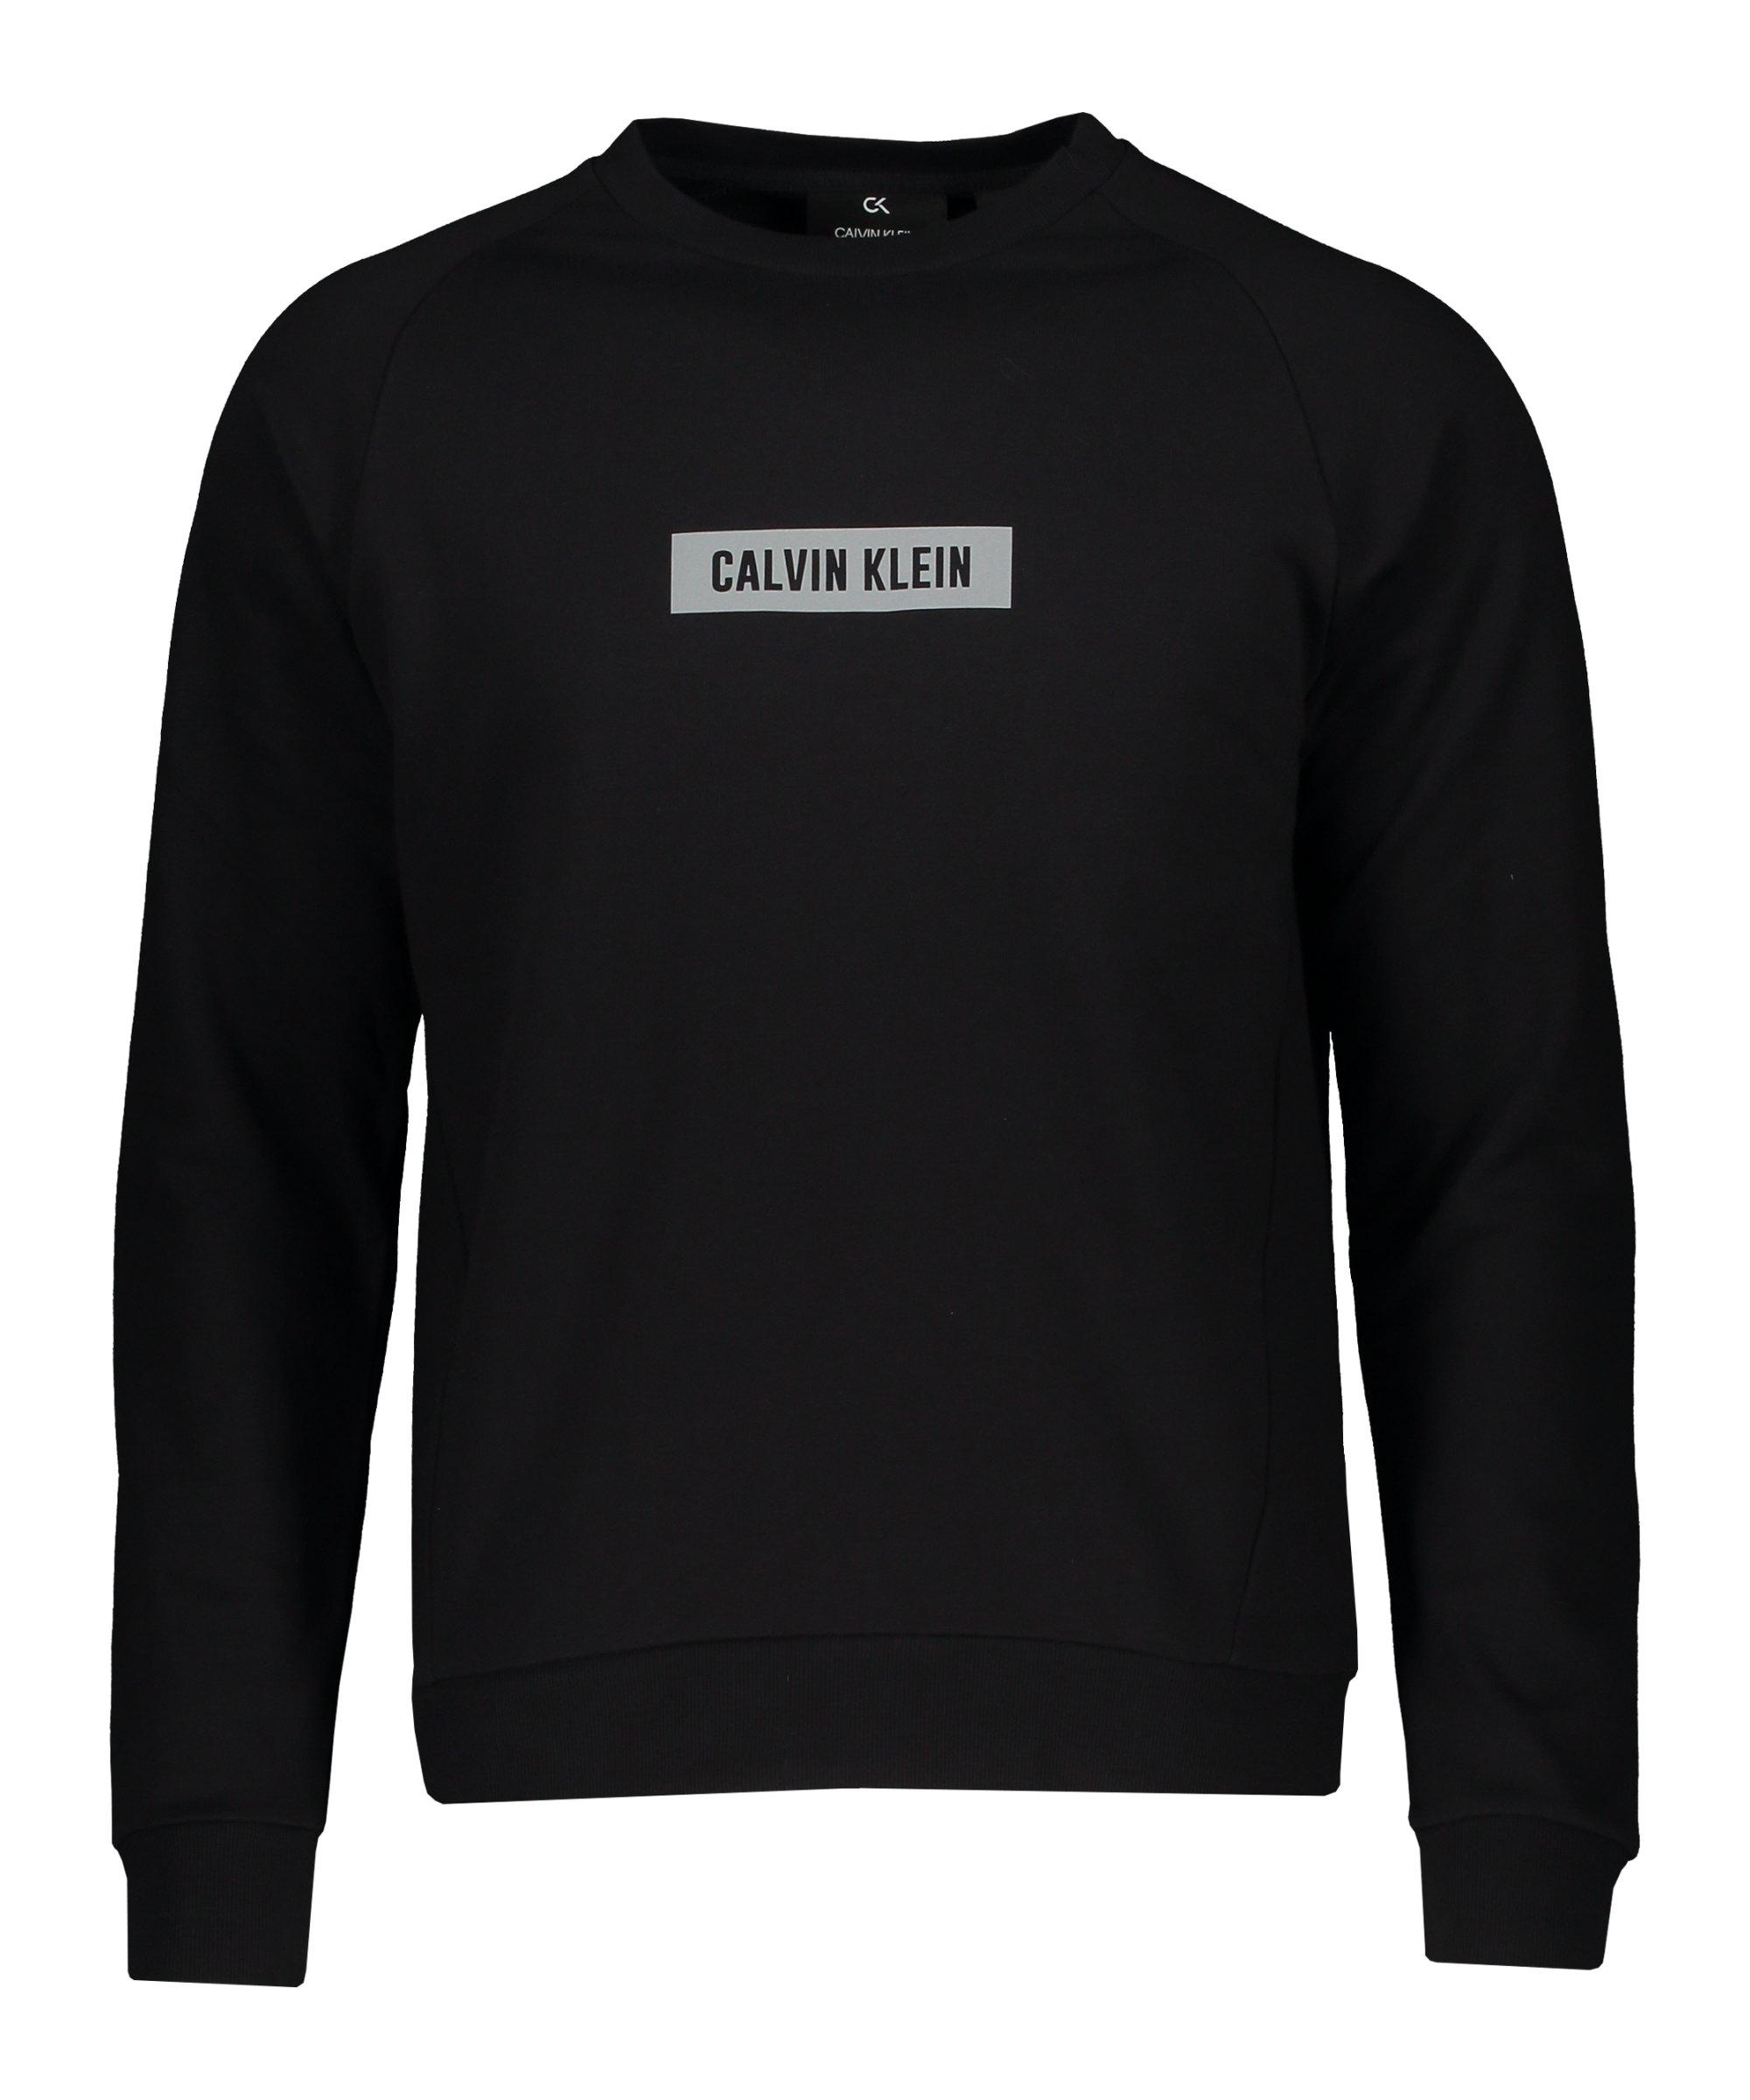 Calvin Klein Sweatshirt Schwarz F007 - schwarz